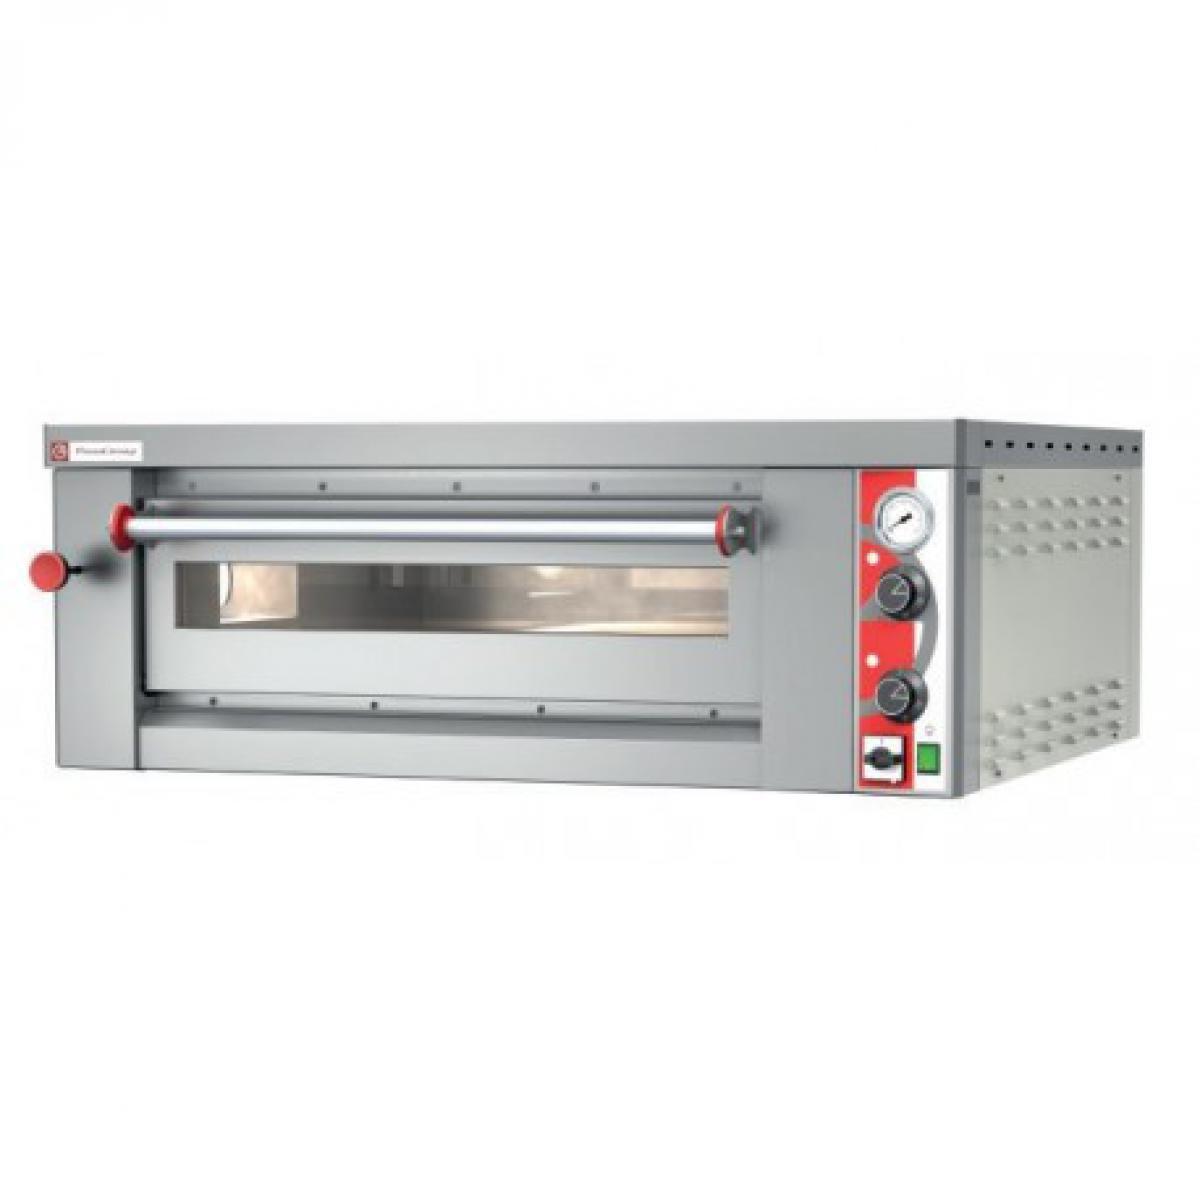 Mishky Four à pizza électrique pour pizzeria - Modulaire 8,90 kW - Pizzagroup -